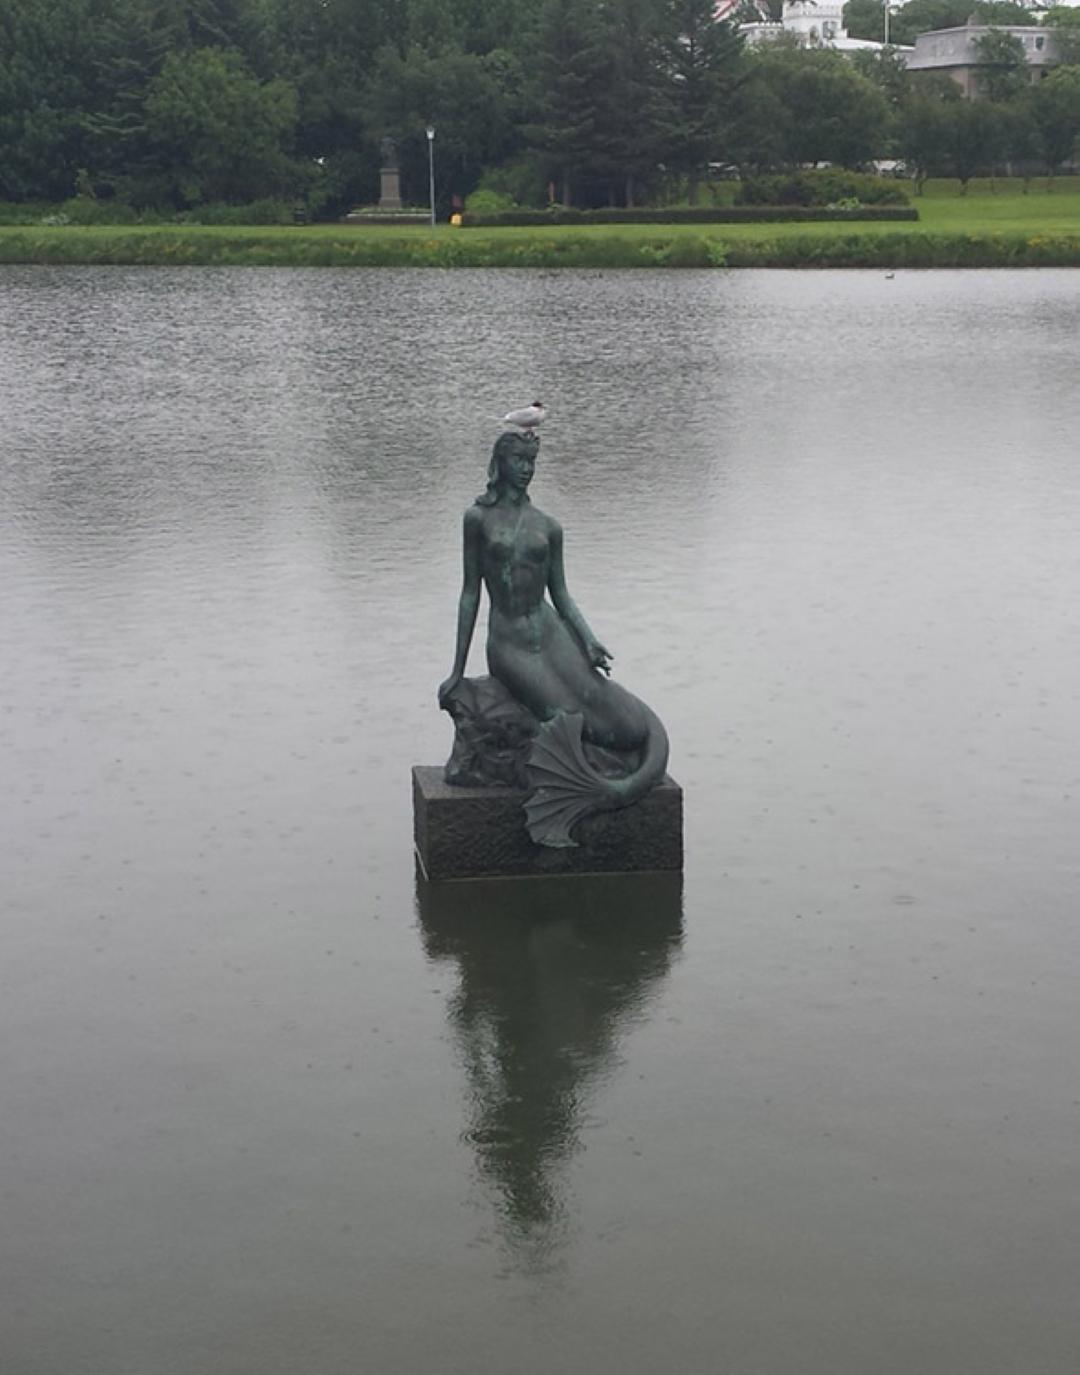 Nína Sæmundsson, Mermaid.